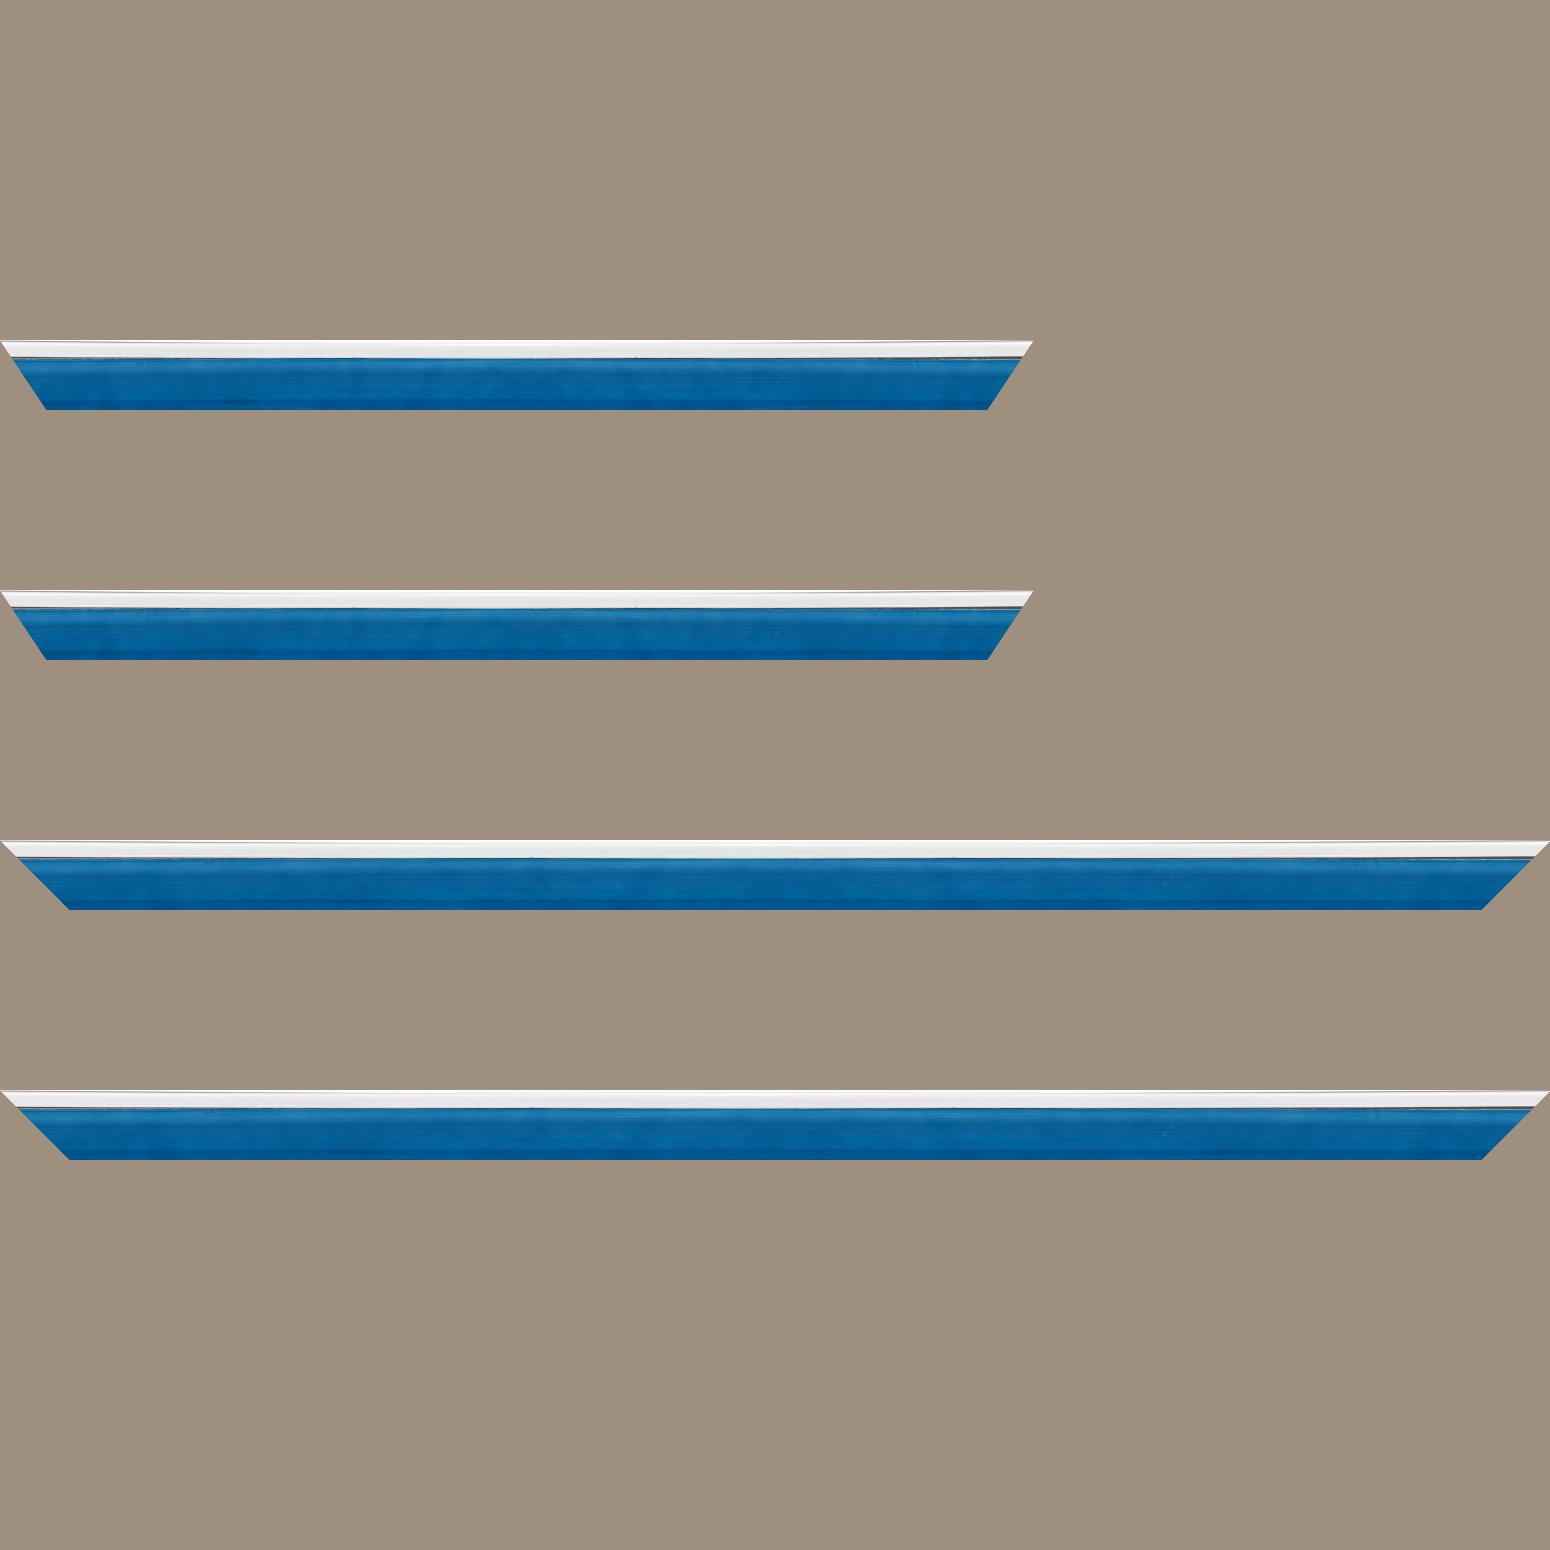 Baguette service précoupé Bois profil en pente plongeant largeur 2.2cm couleur bleu lagon laqué filet extérieur blanc laqué